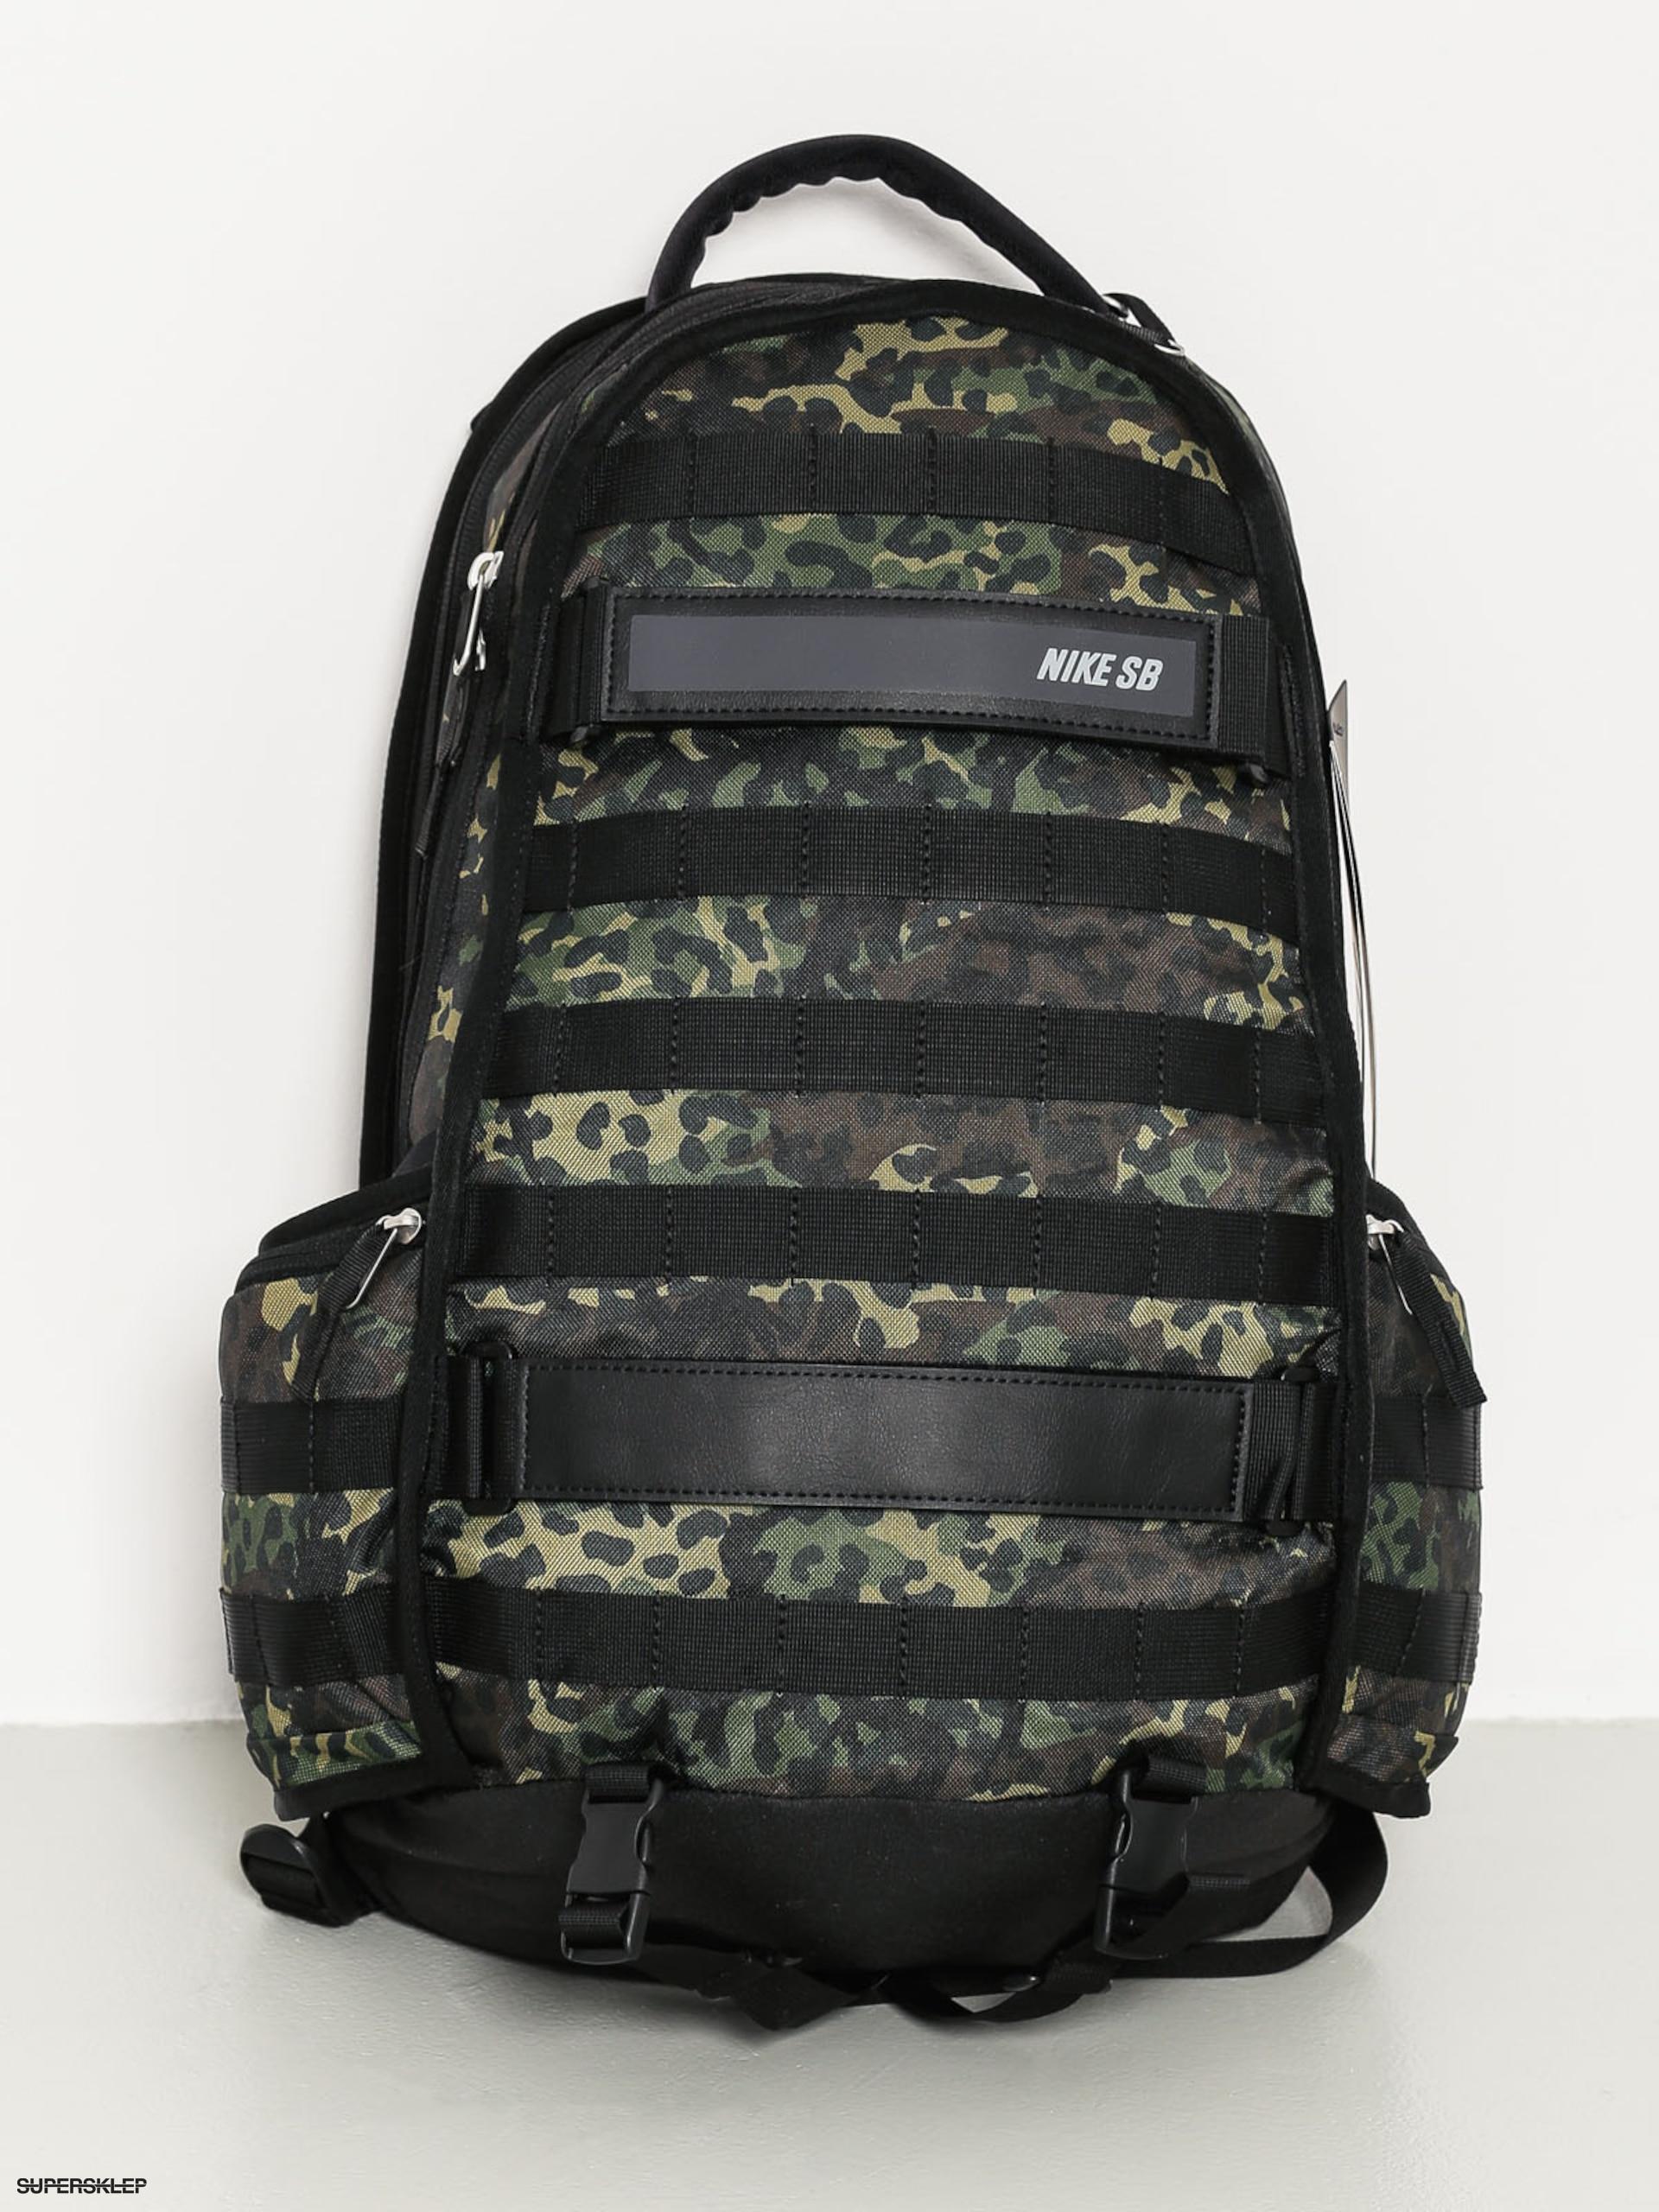 904c8c1379 Batoh Nike SB Rpm Graphic (camo black)